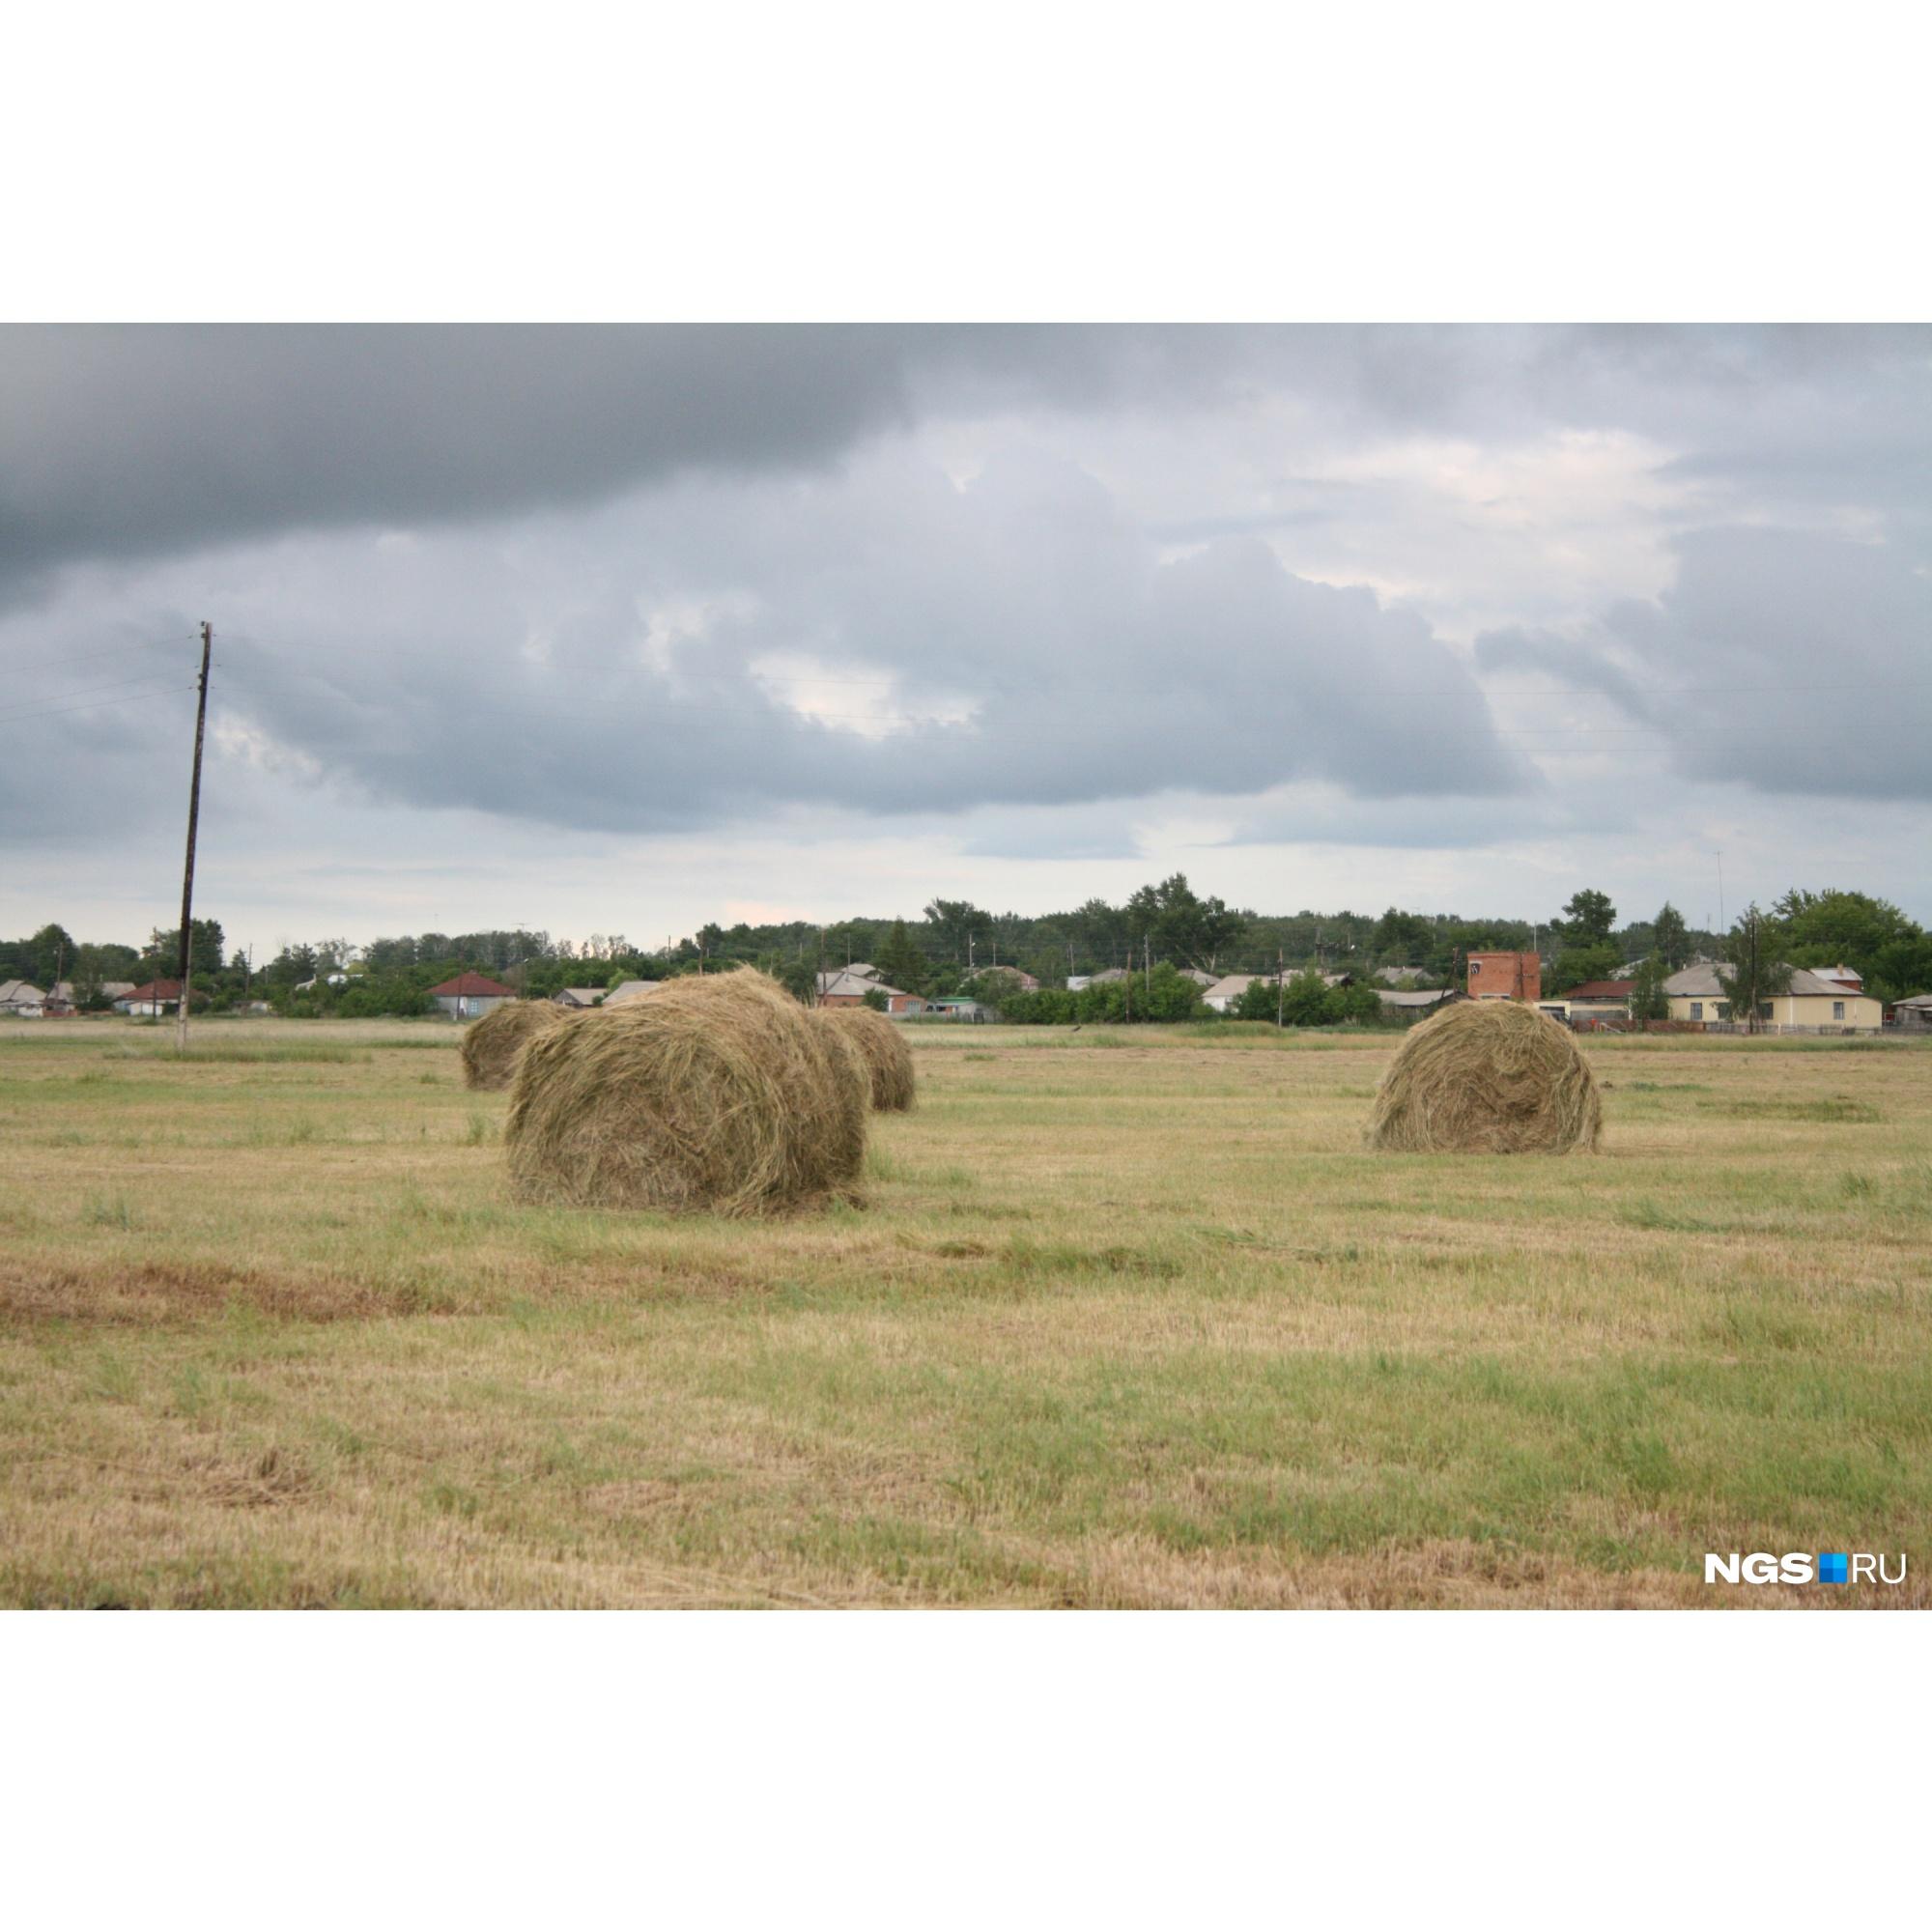 У жителей сел есть автомобили и сельхозтехника. Для всего этого нужно доступное топливо